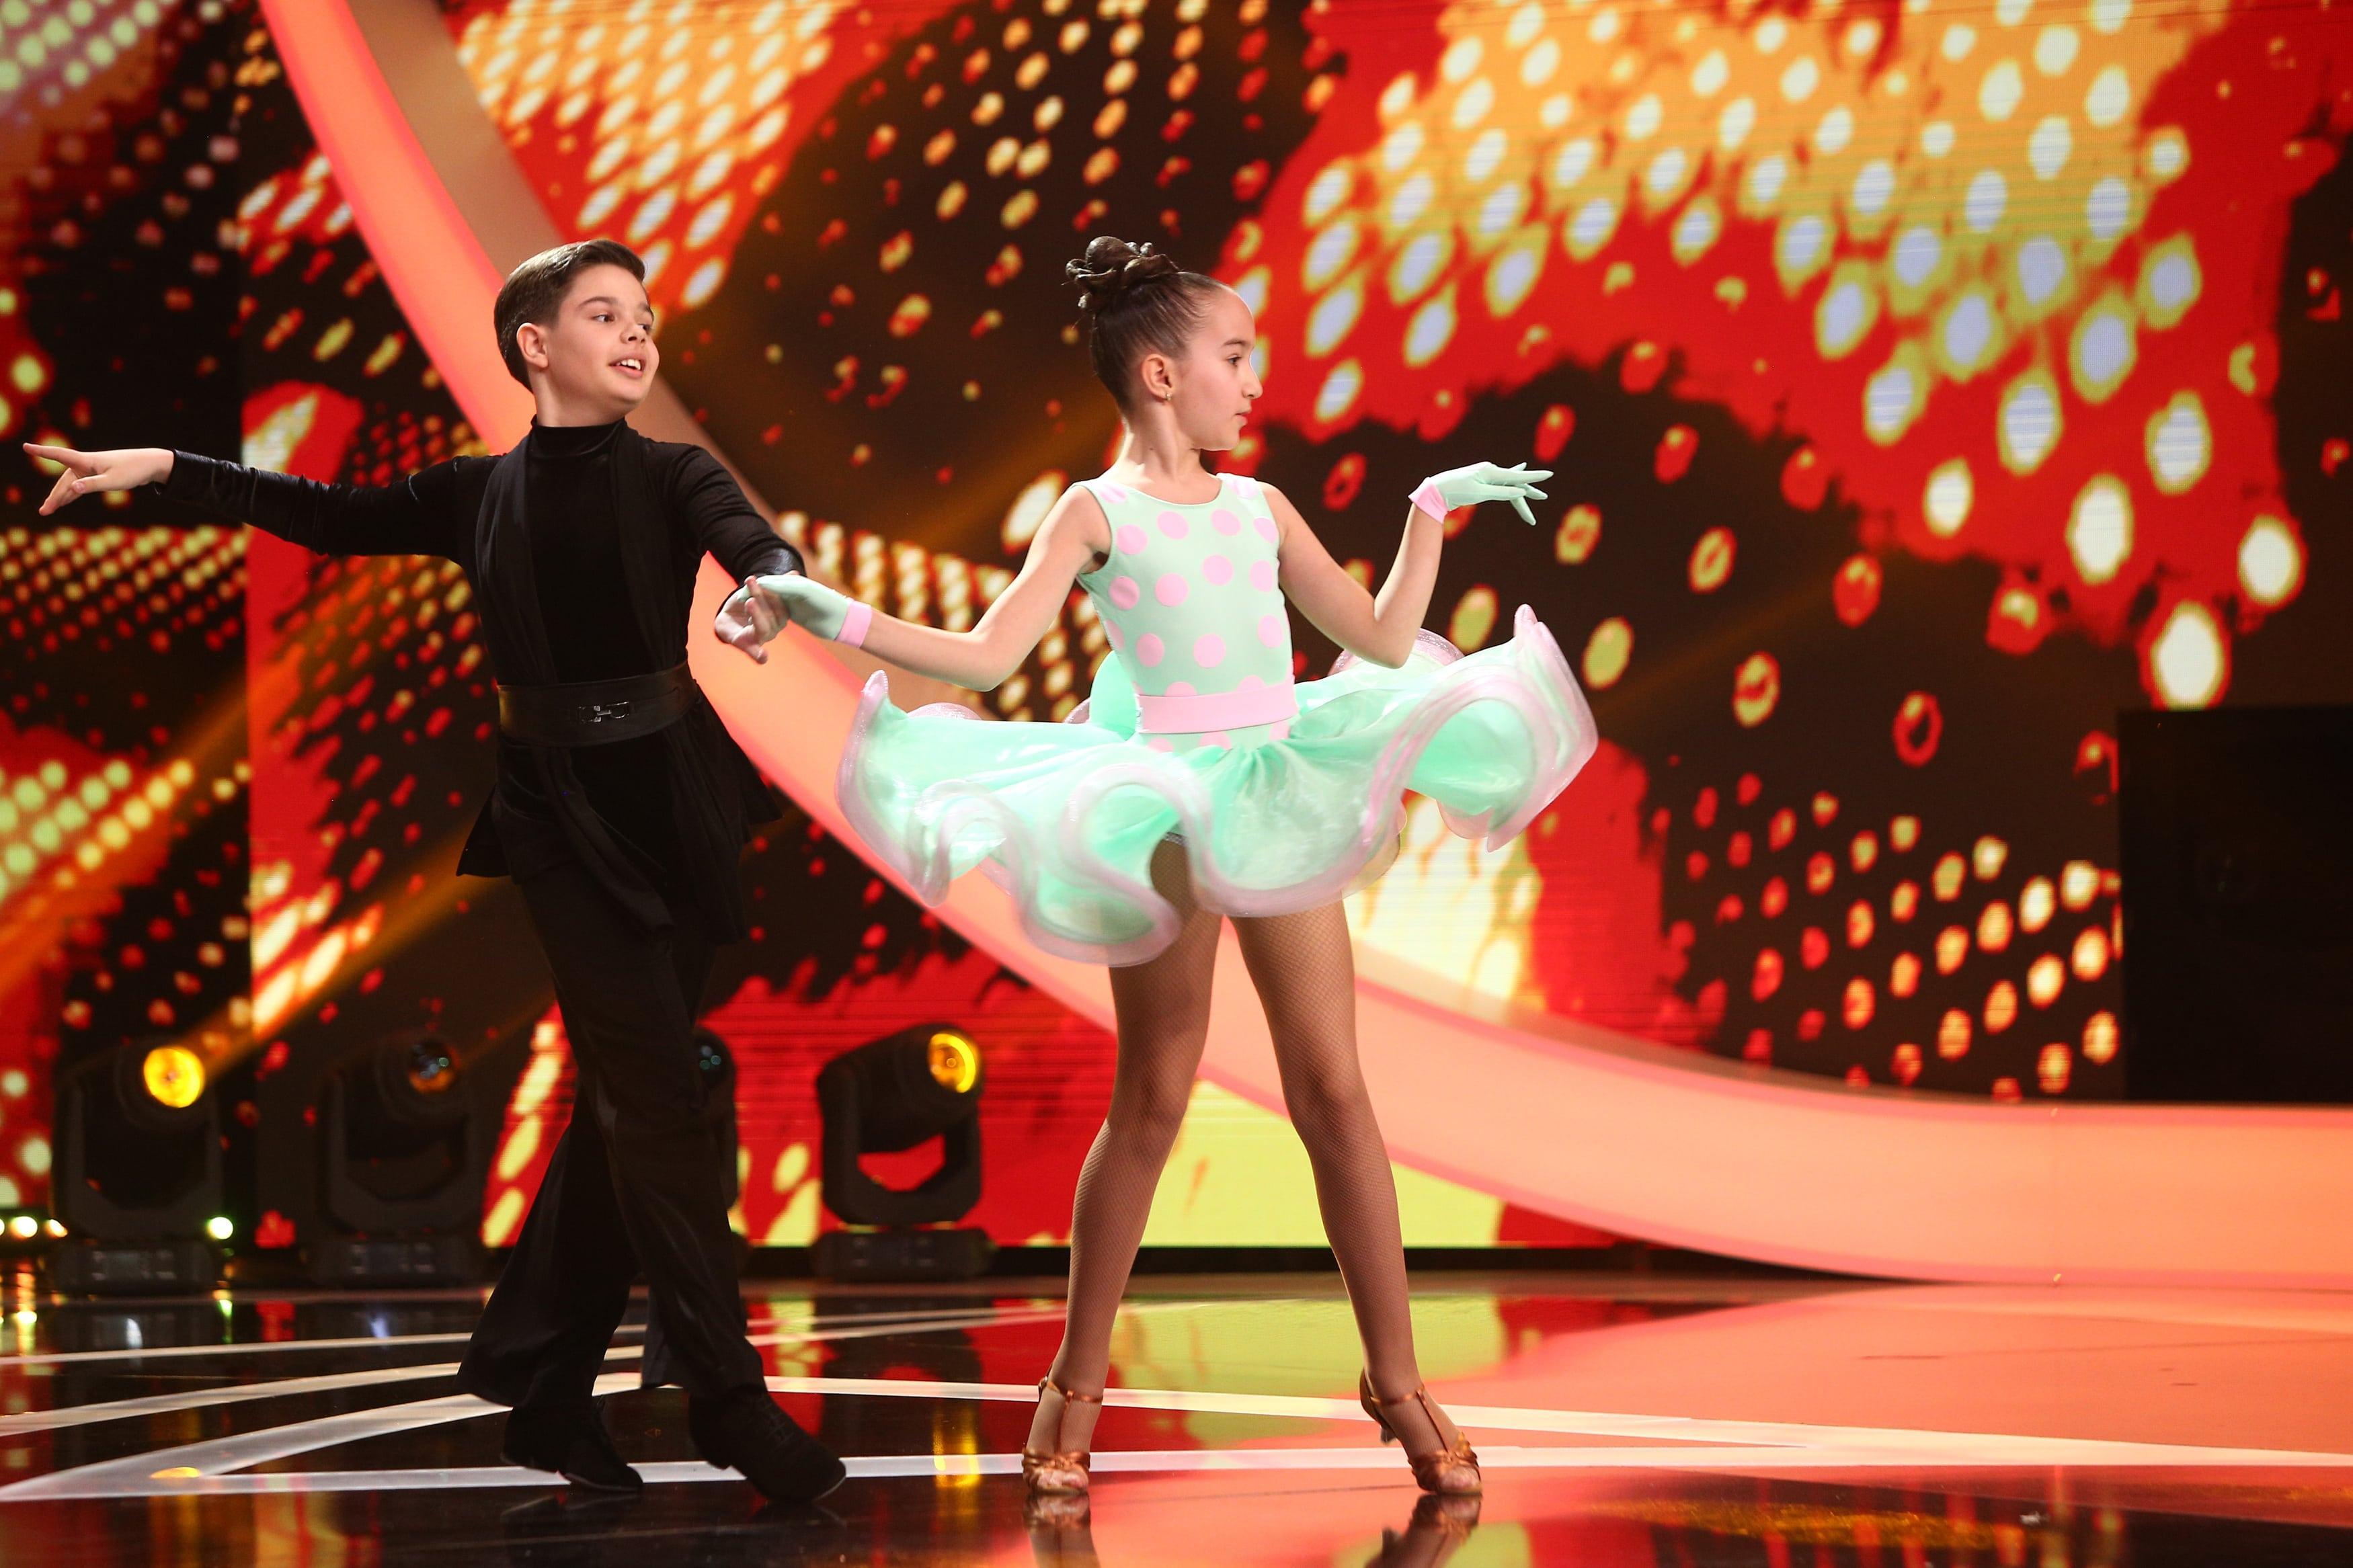 Next Star, 3 iulie 2021. Săndulescu Diana și Drăguțescu Rareș, momentul de dans pentru care au primit note de 10 de la jurați